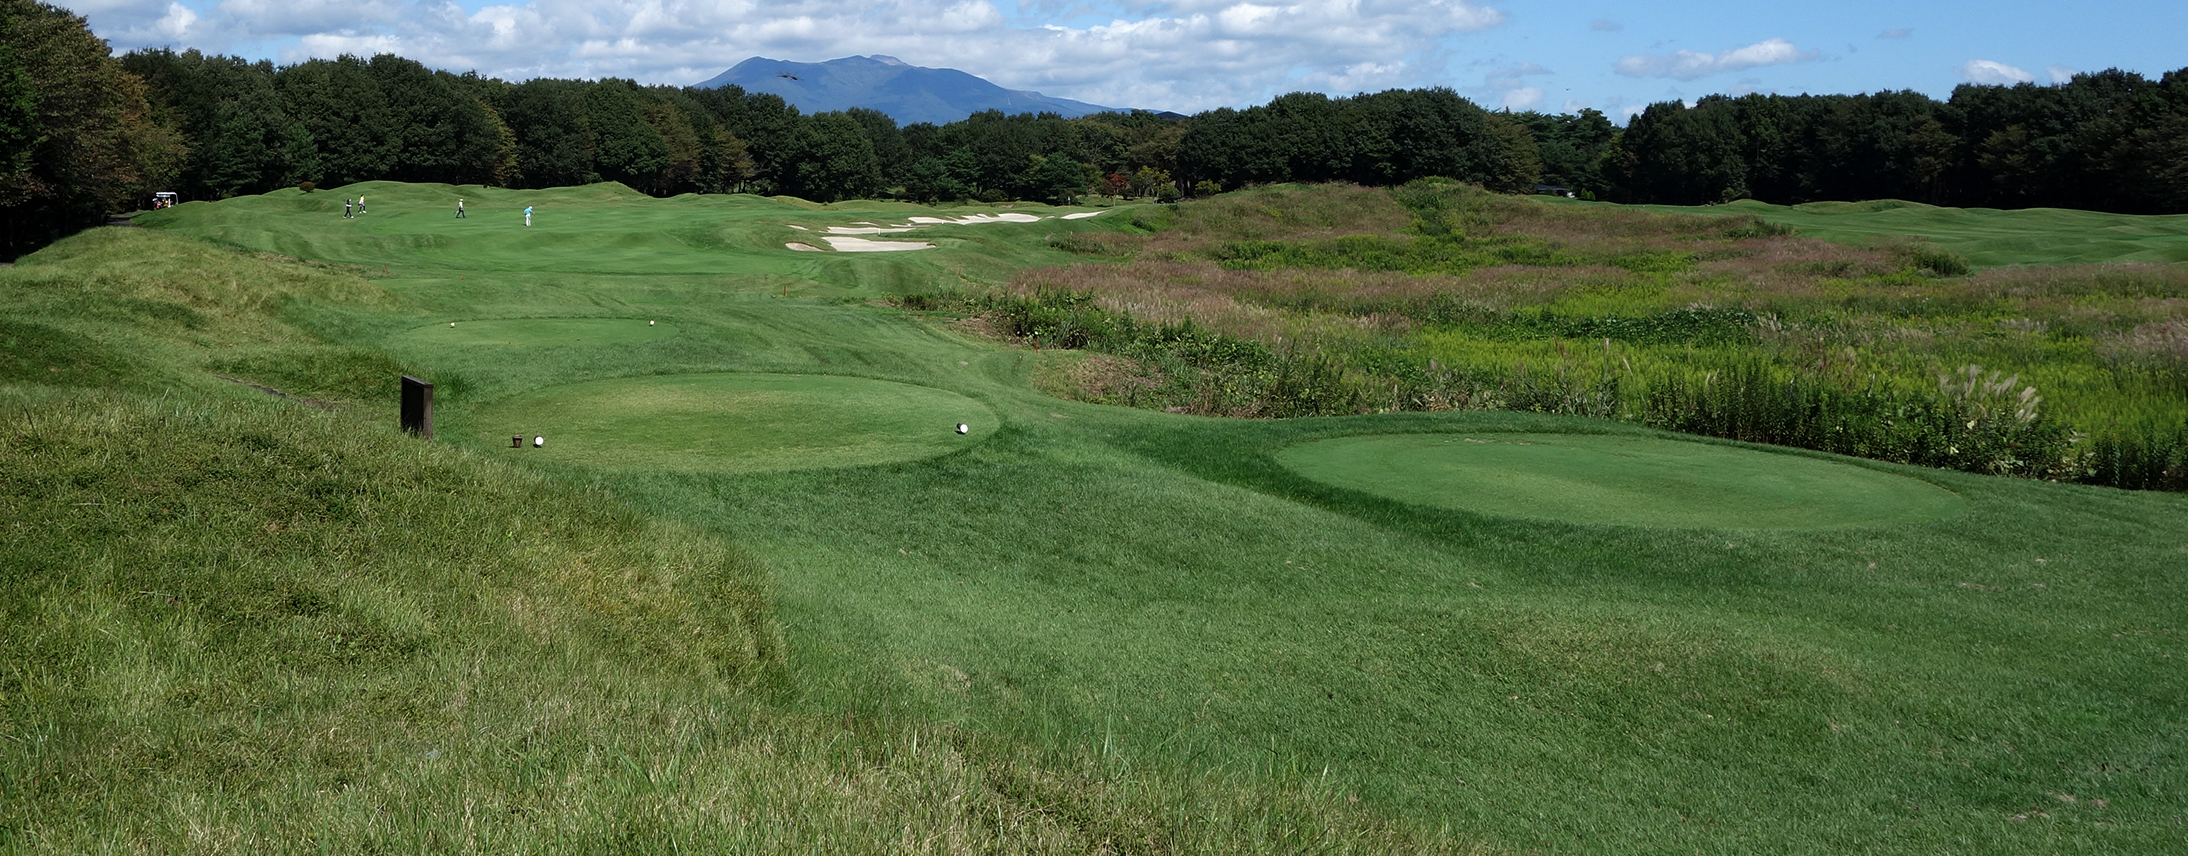 ホウライカントリー ゴルフ